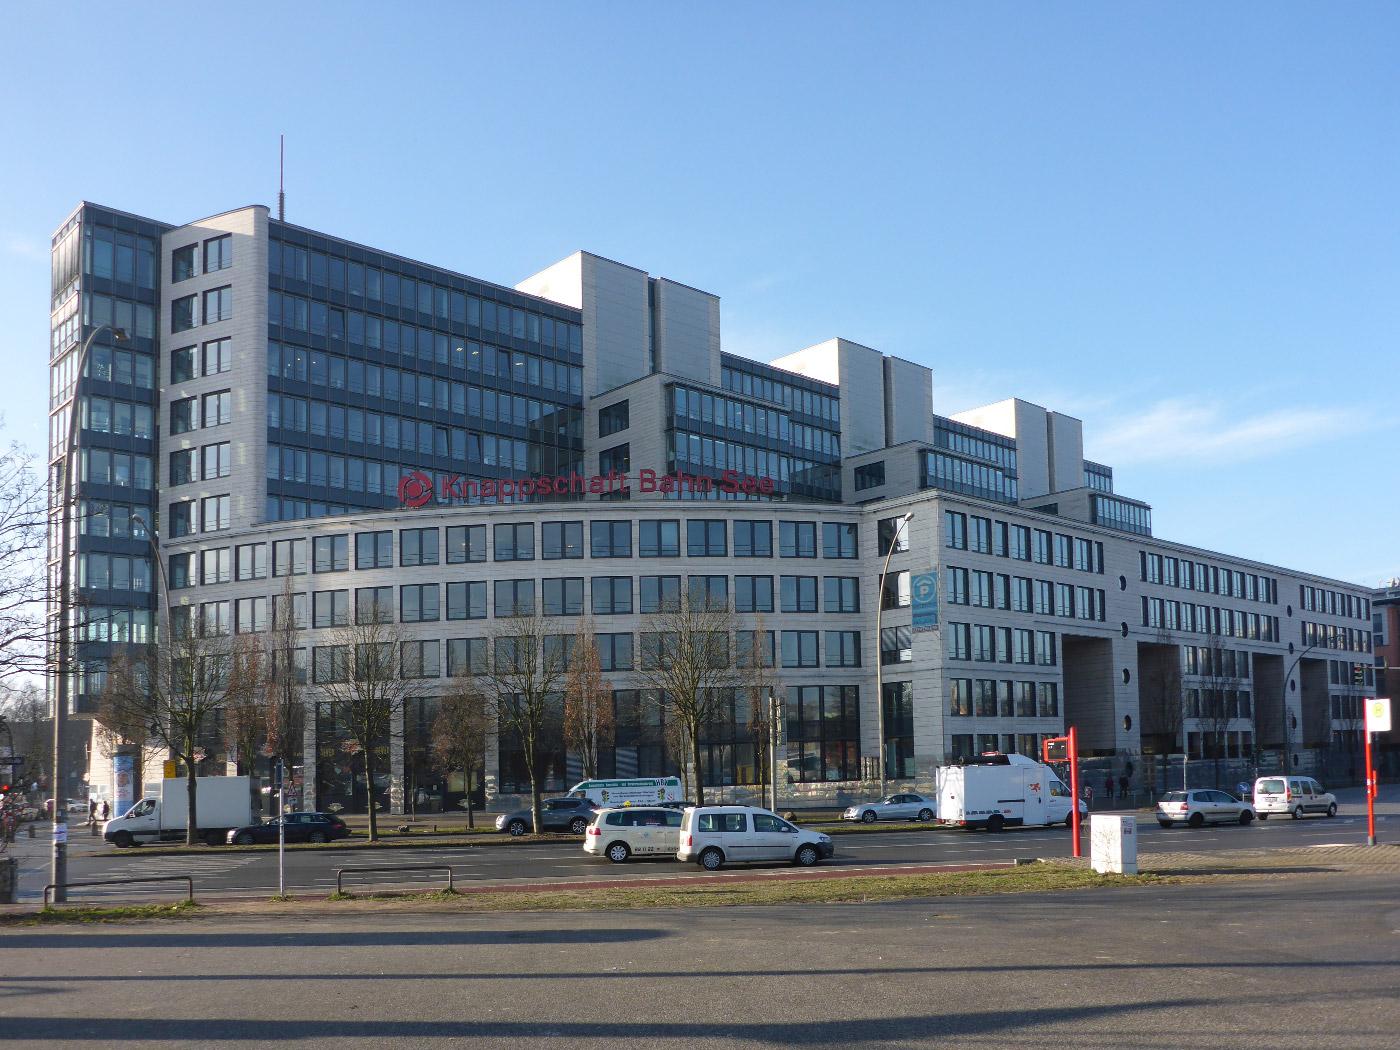 Büro- u. Geschäftshochhaus, Millerntorplatz 1, Hamburg